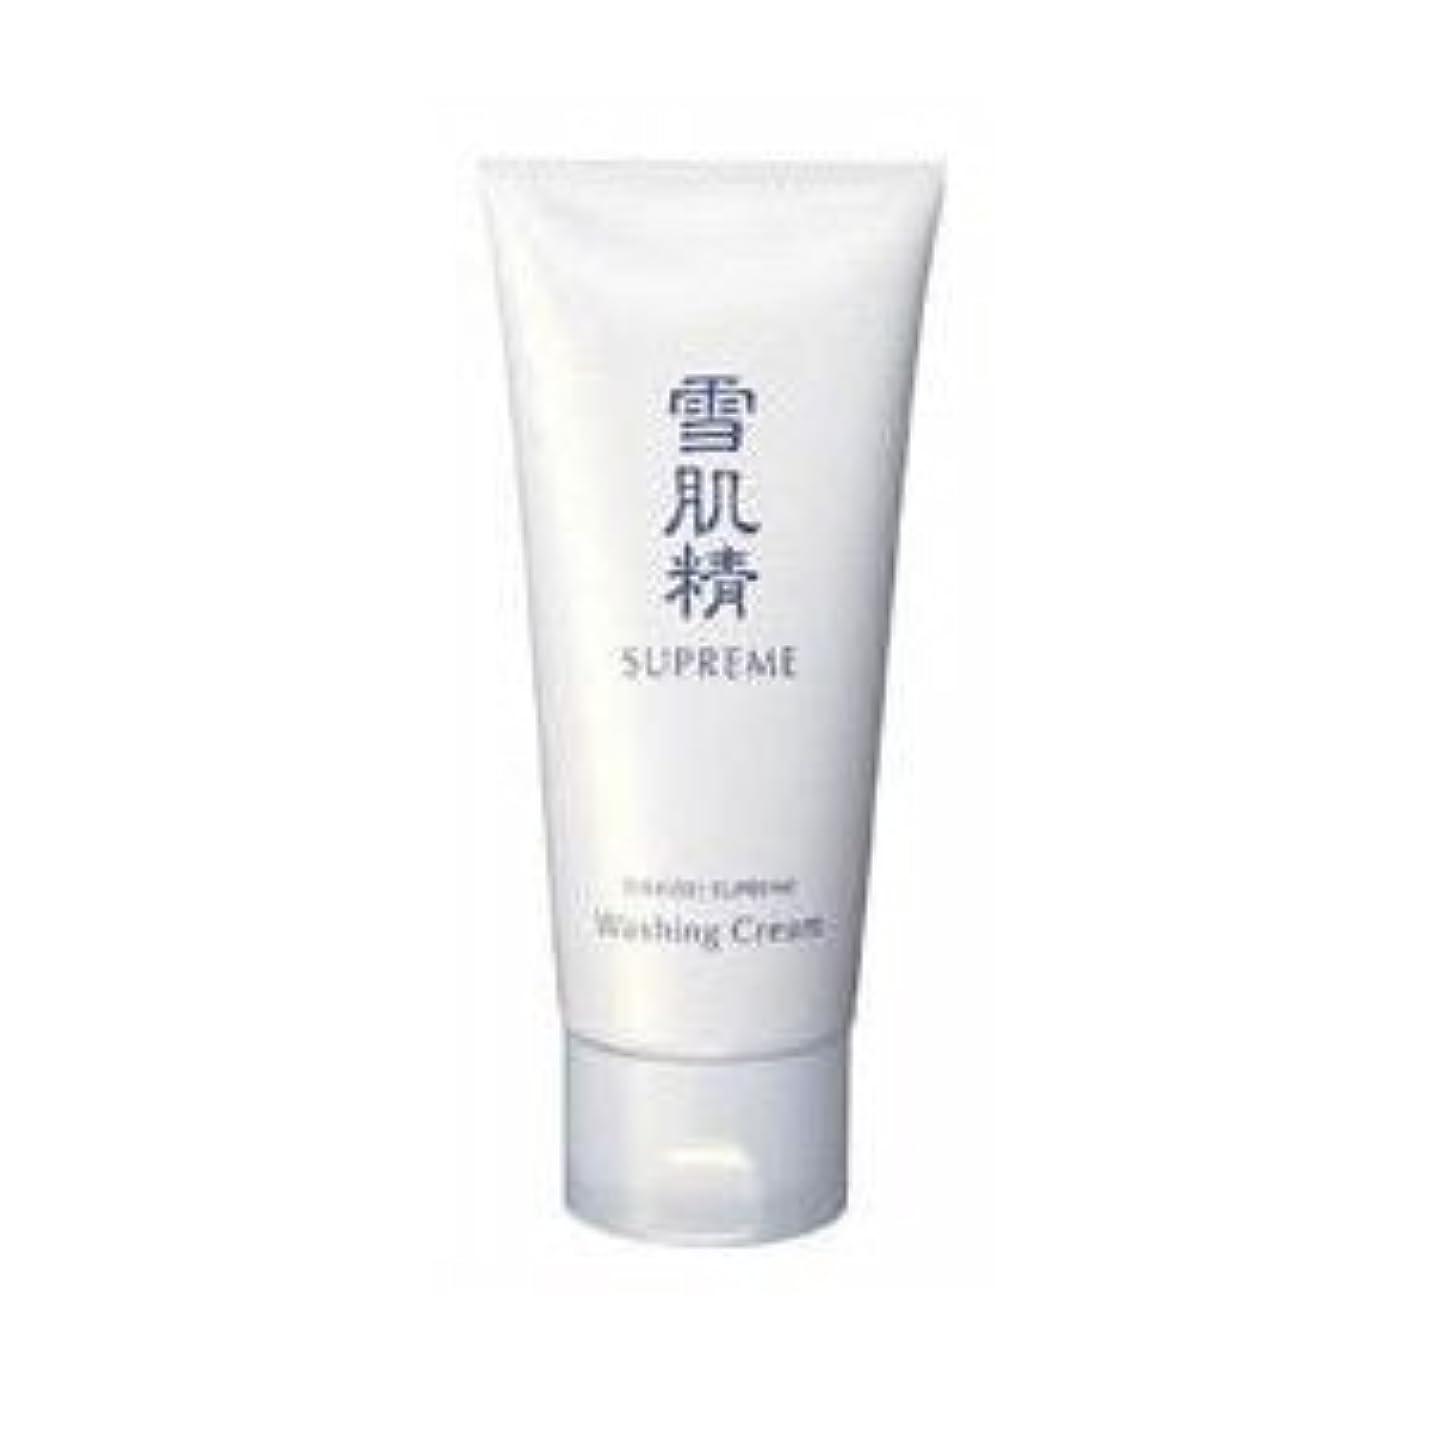 活性化する評価するジャンクションコーセー 雪肌精 シュープレム 洗顔クリーム 140g